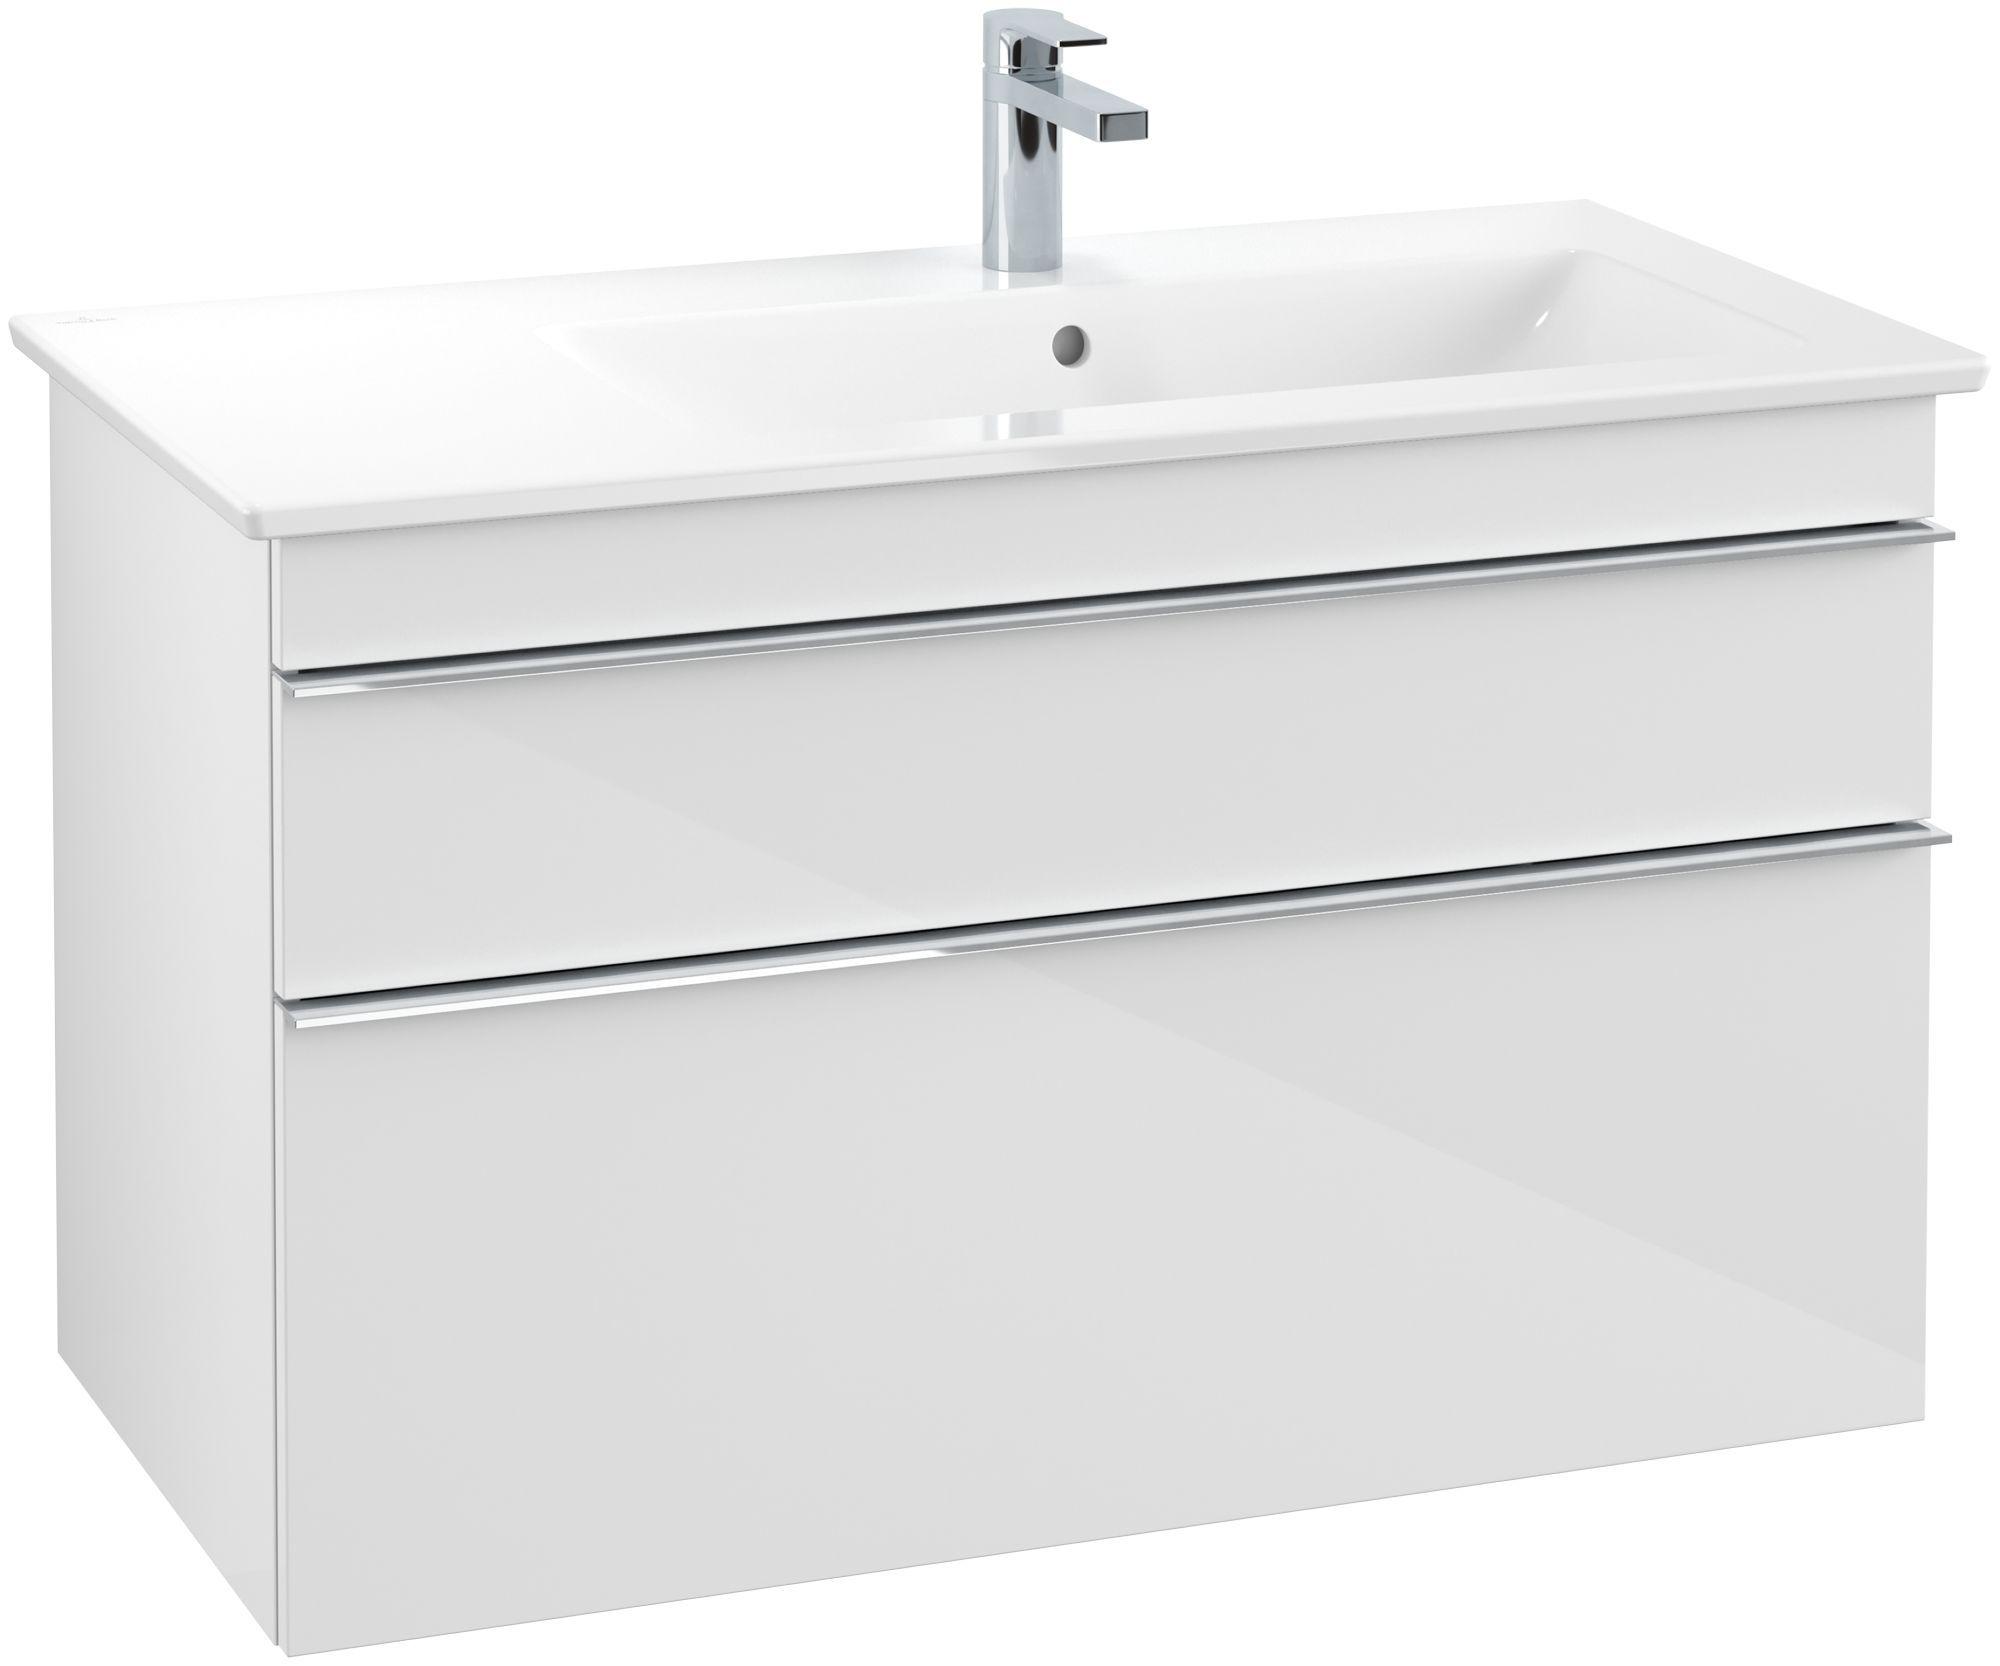 Villeroy & Boch Venticello Waschtischunterschrank 2 Auszüge B:953xT:502xH:590mm glossy weiß Griffe chrom A92801DH